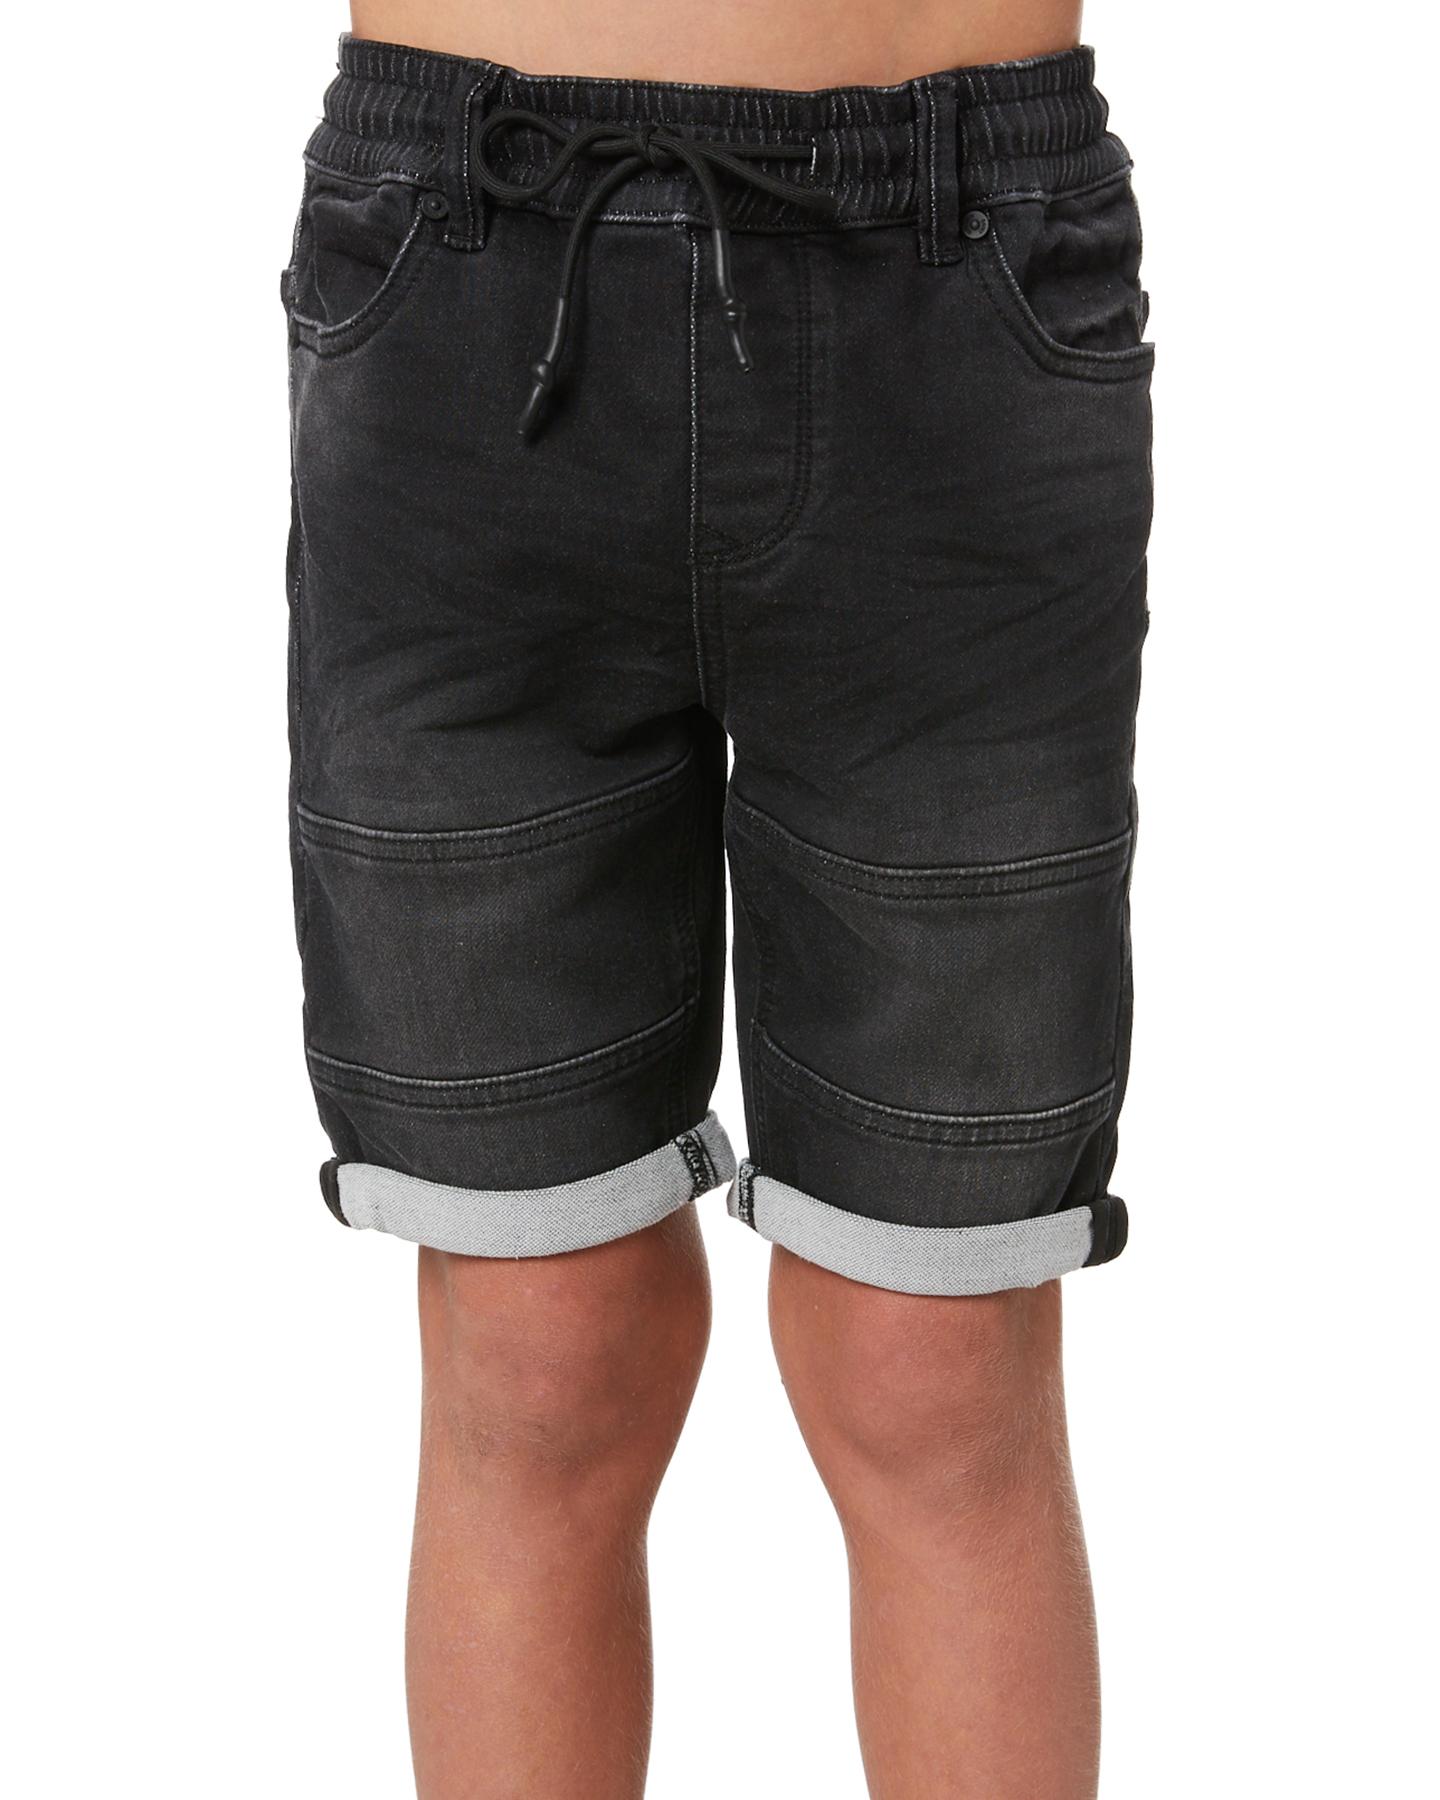 St Goliath Boys Sands Short - Teens Washed Black